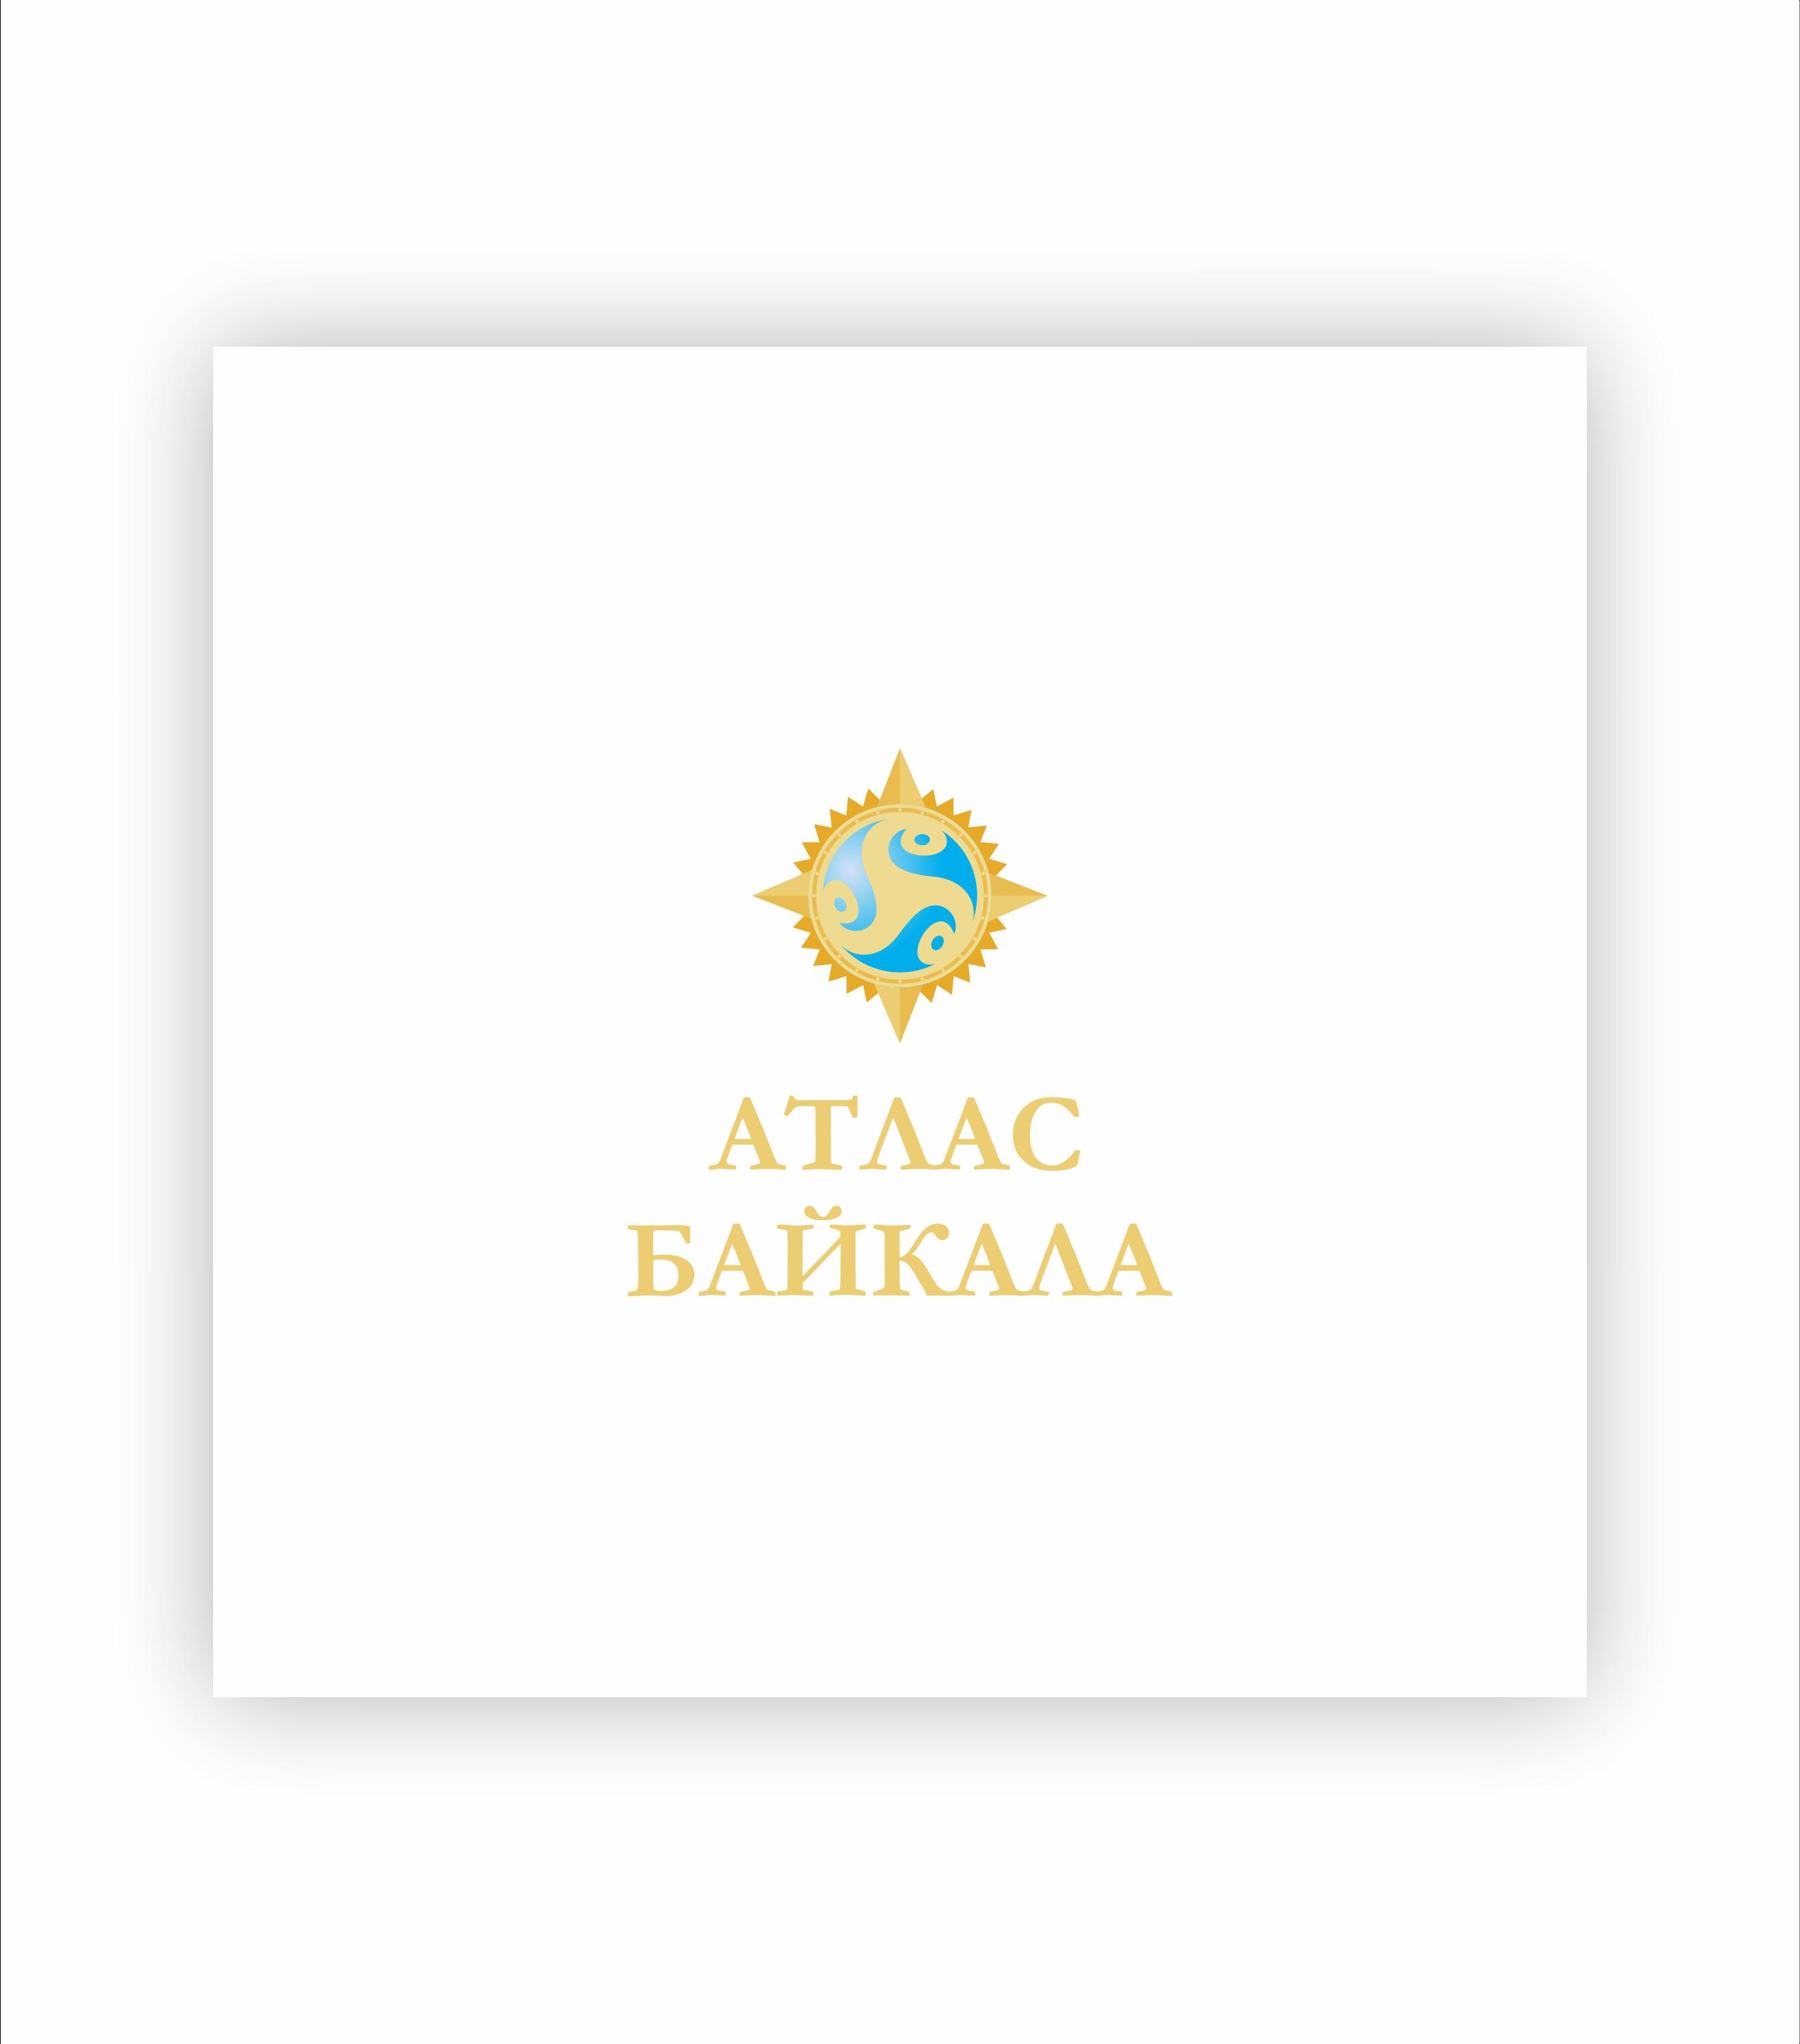 Разработка логотипа Атлас Байкала фото f_2945afd4096a4ccd.png